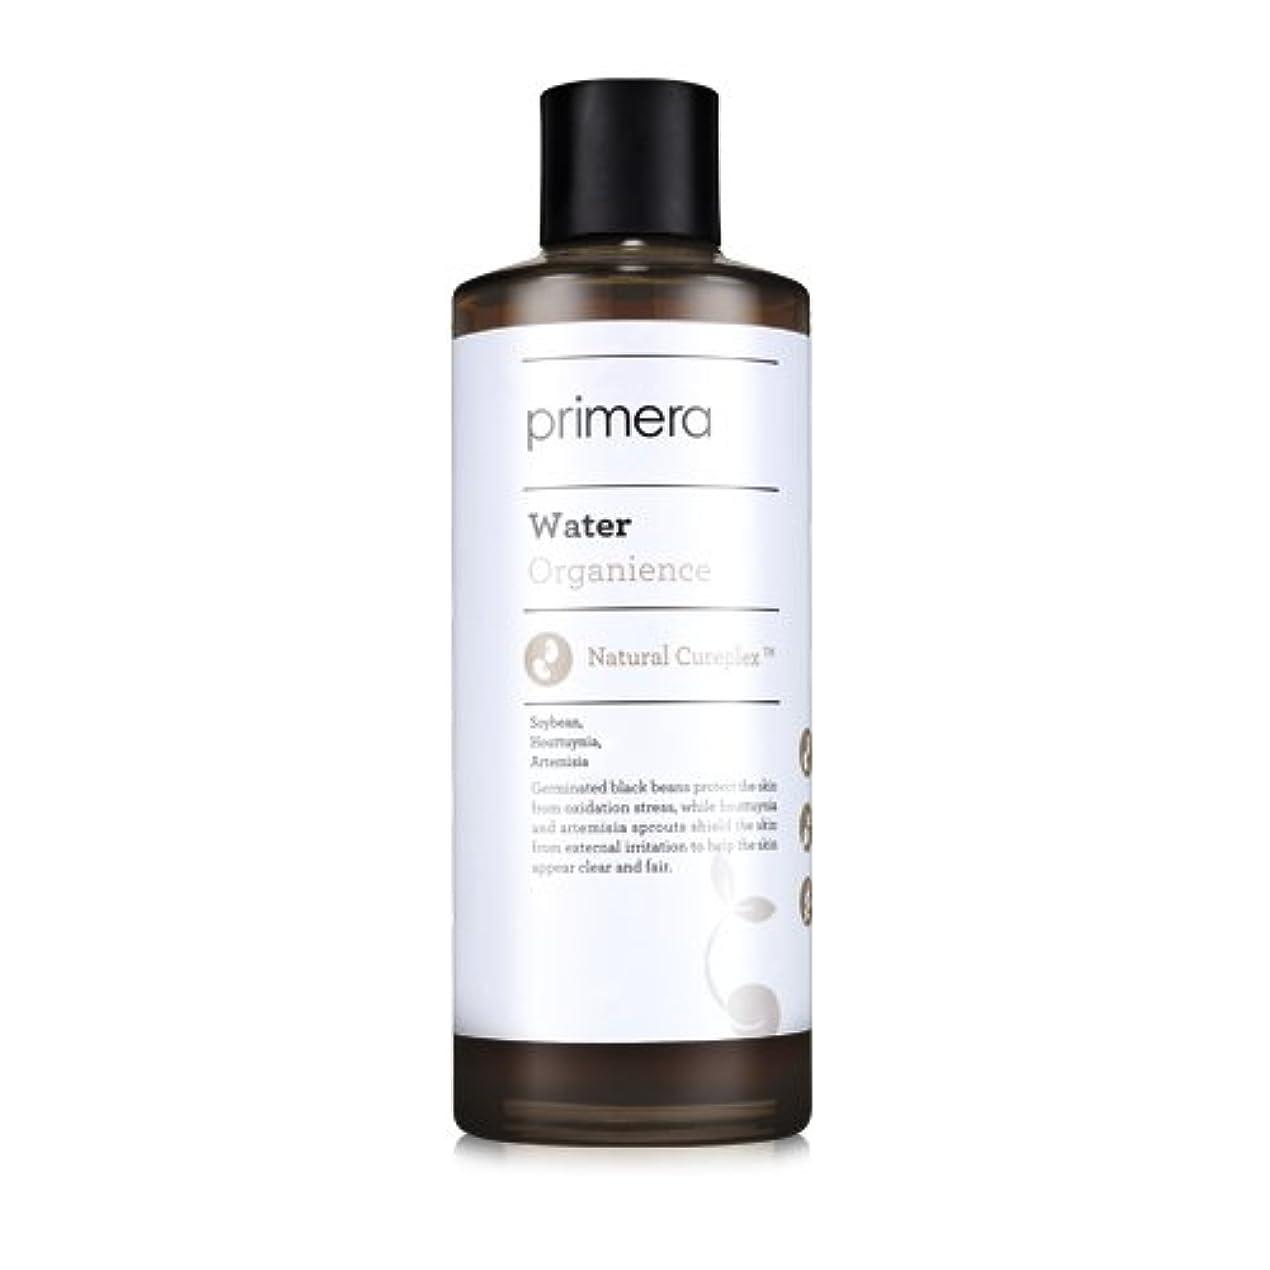 くぼみ雇った投獄PRIMERA プリメラ オーガニエンス エマルジョン(Organience Emulsion)乳液 150ml